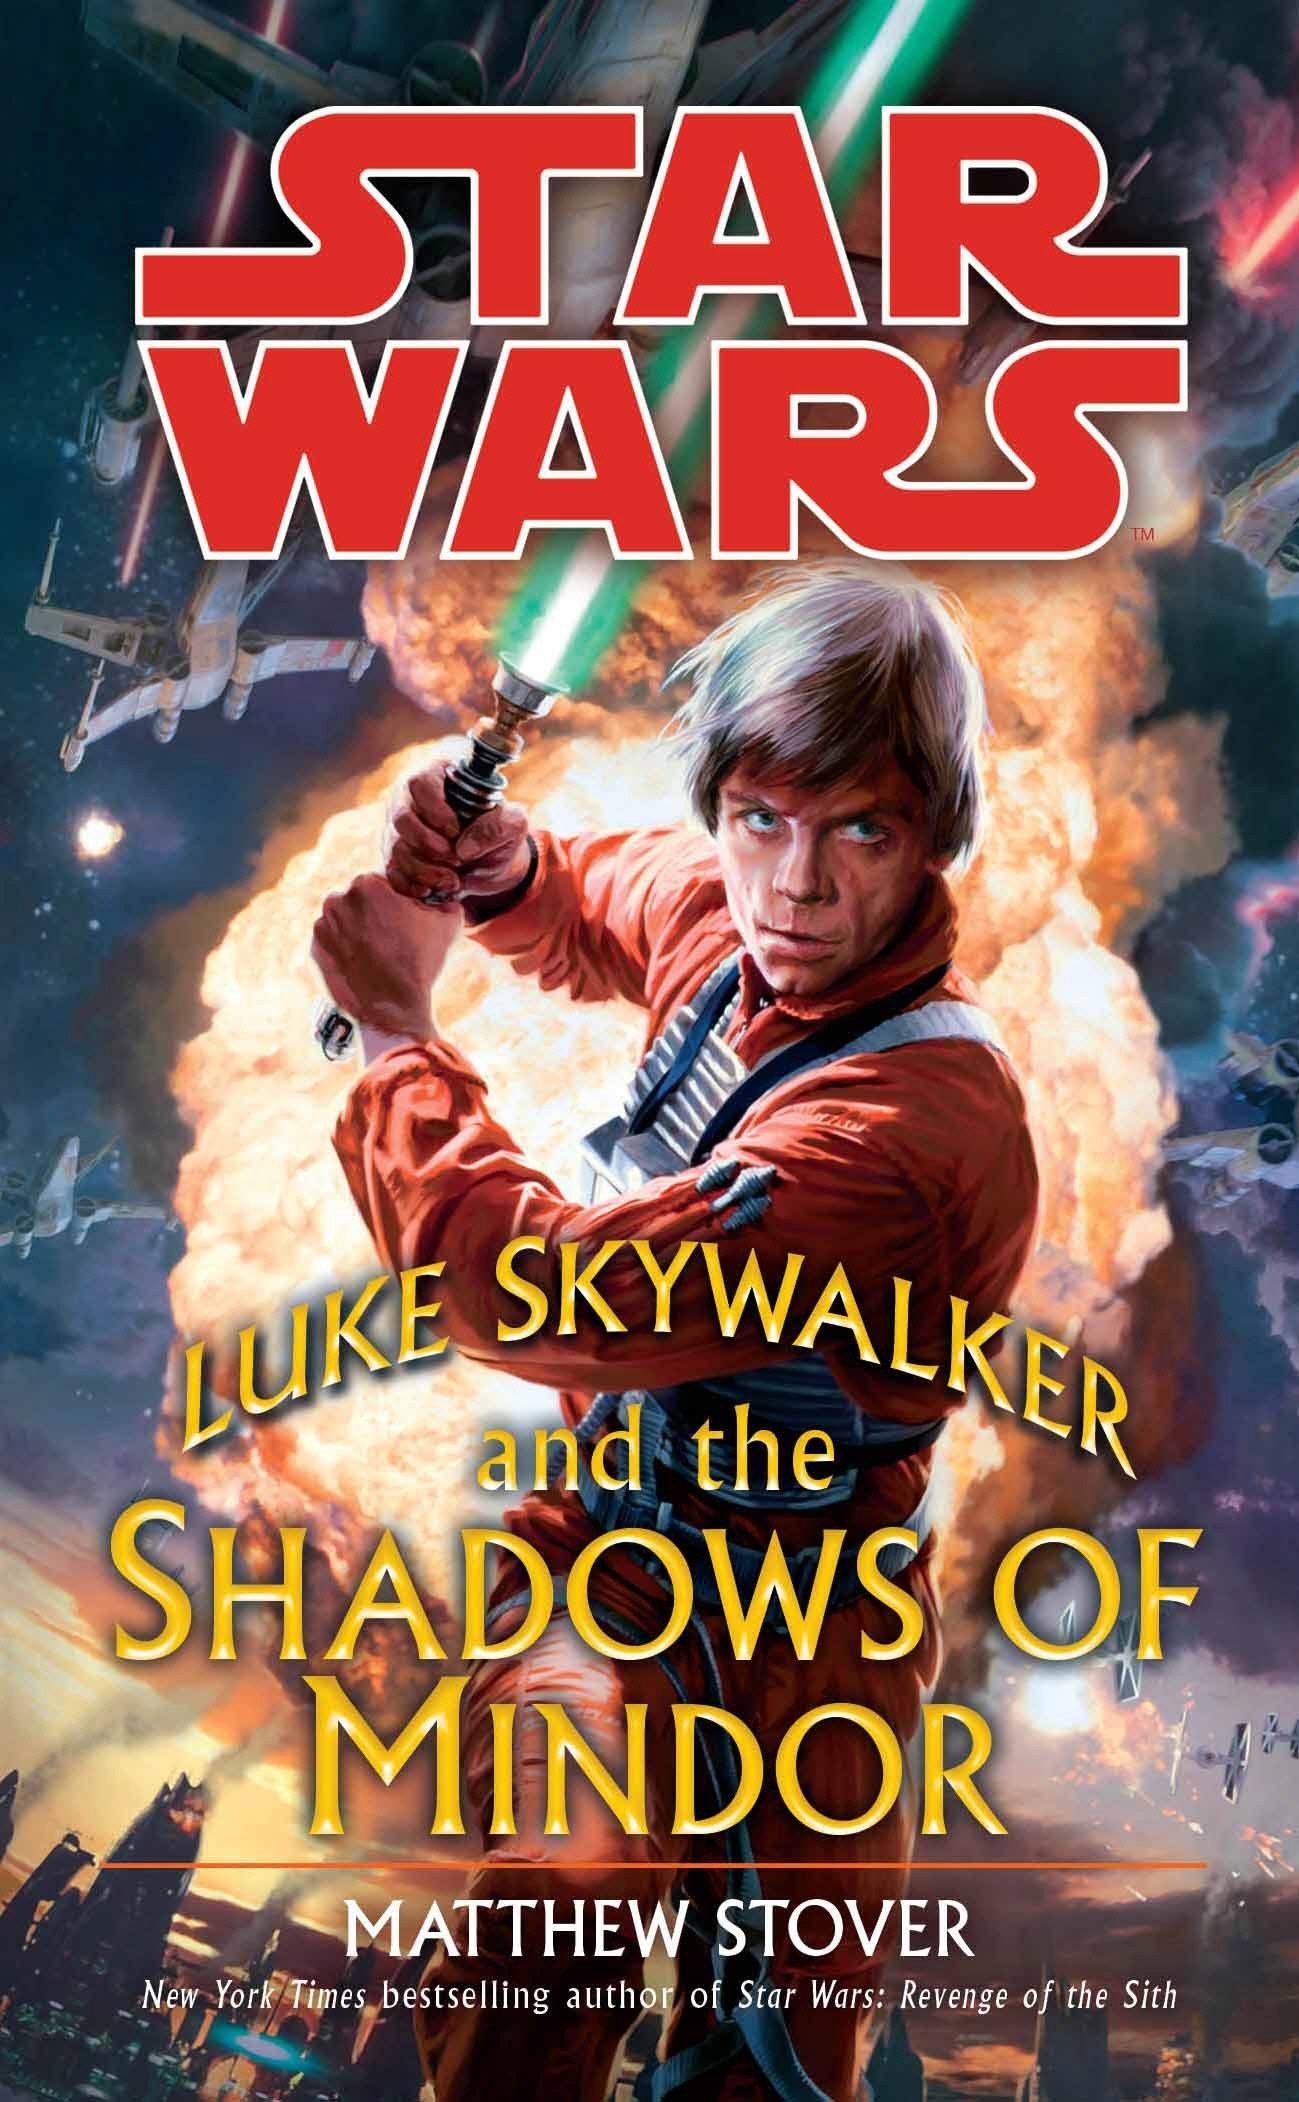 Star Wars: Luke Skywalker and the Shadows of Mindor (paperback)